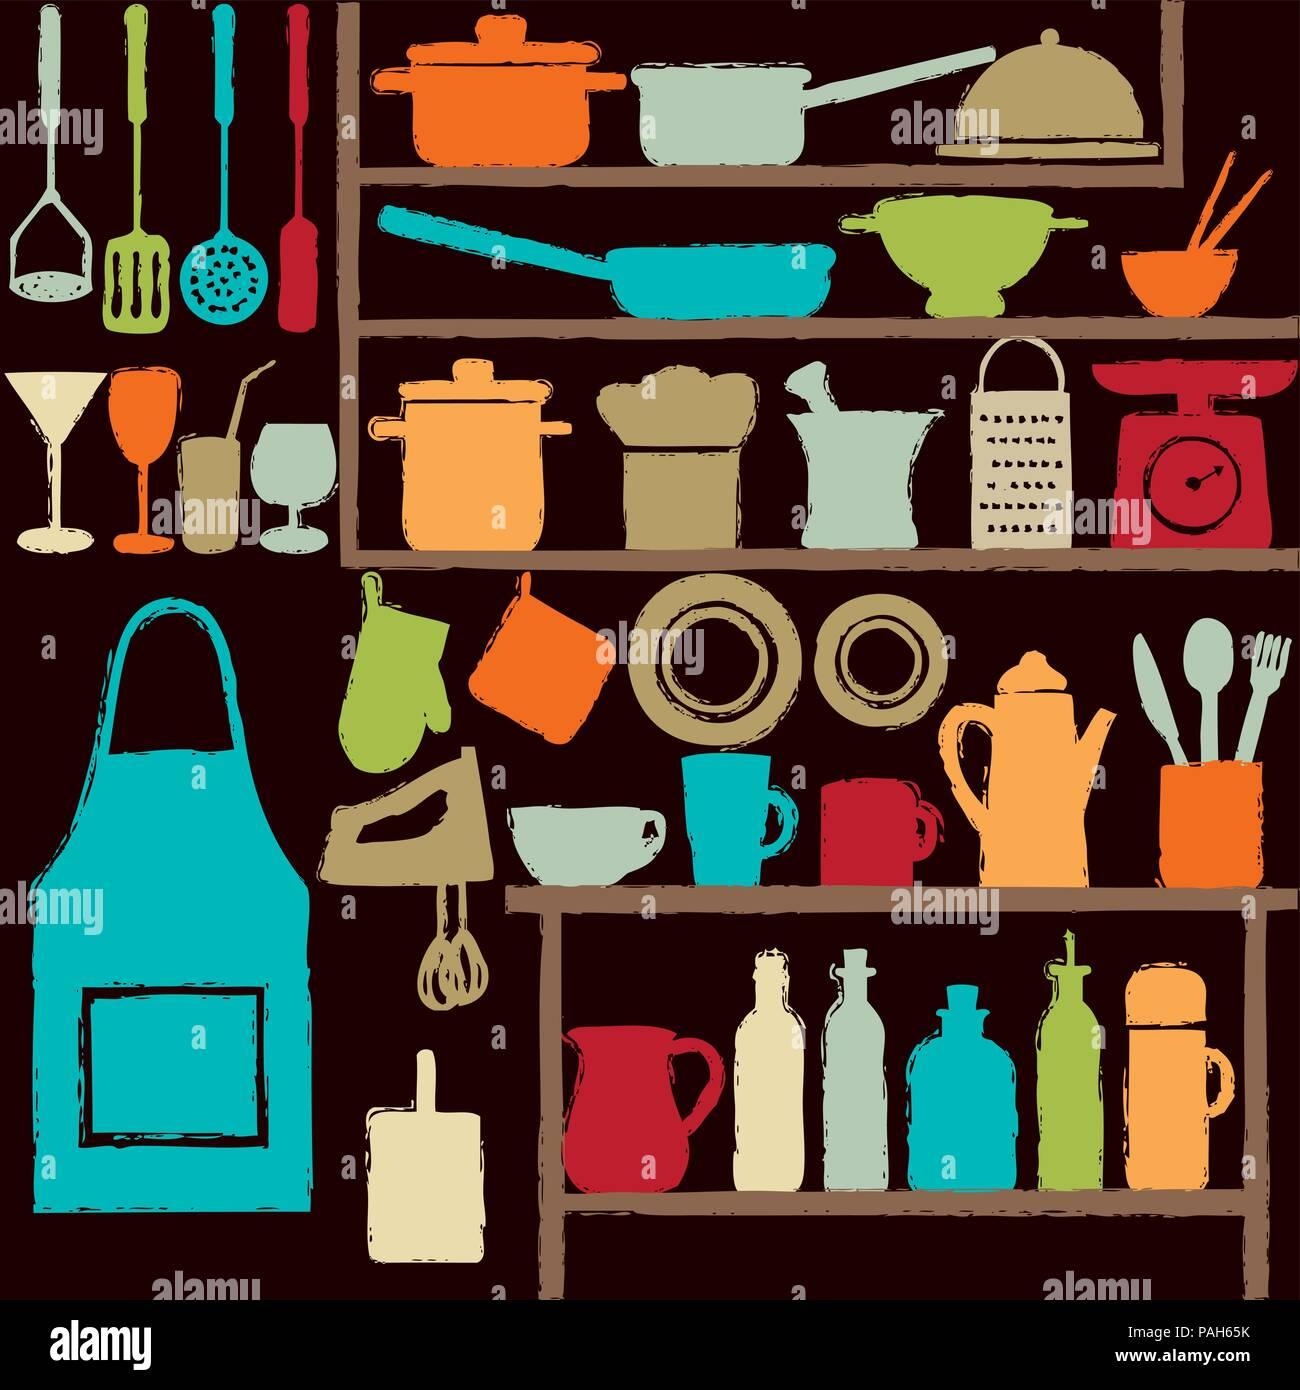 Divers cuisine colorée icônes silhouette sur des étagères. Illustration de Vecteur